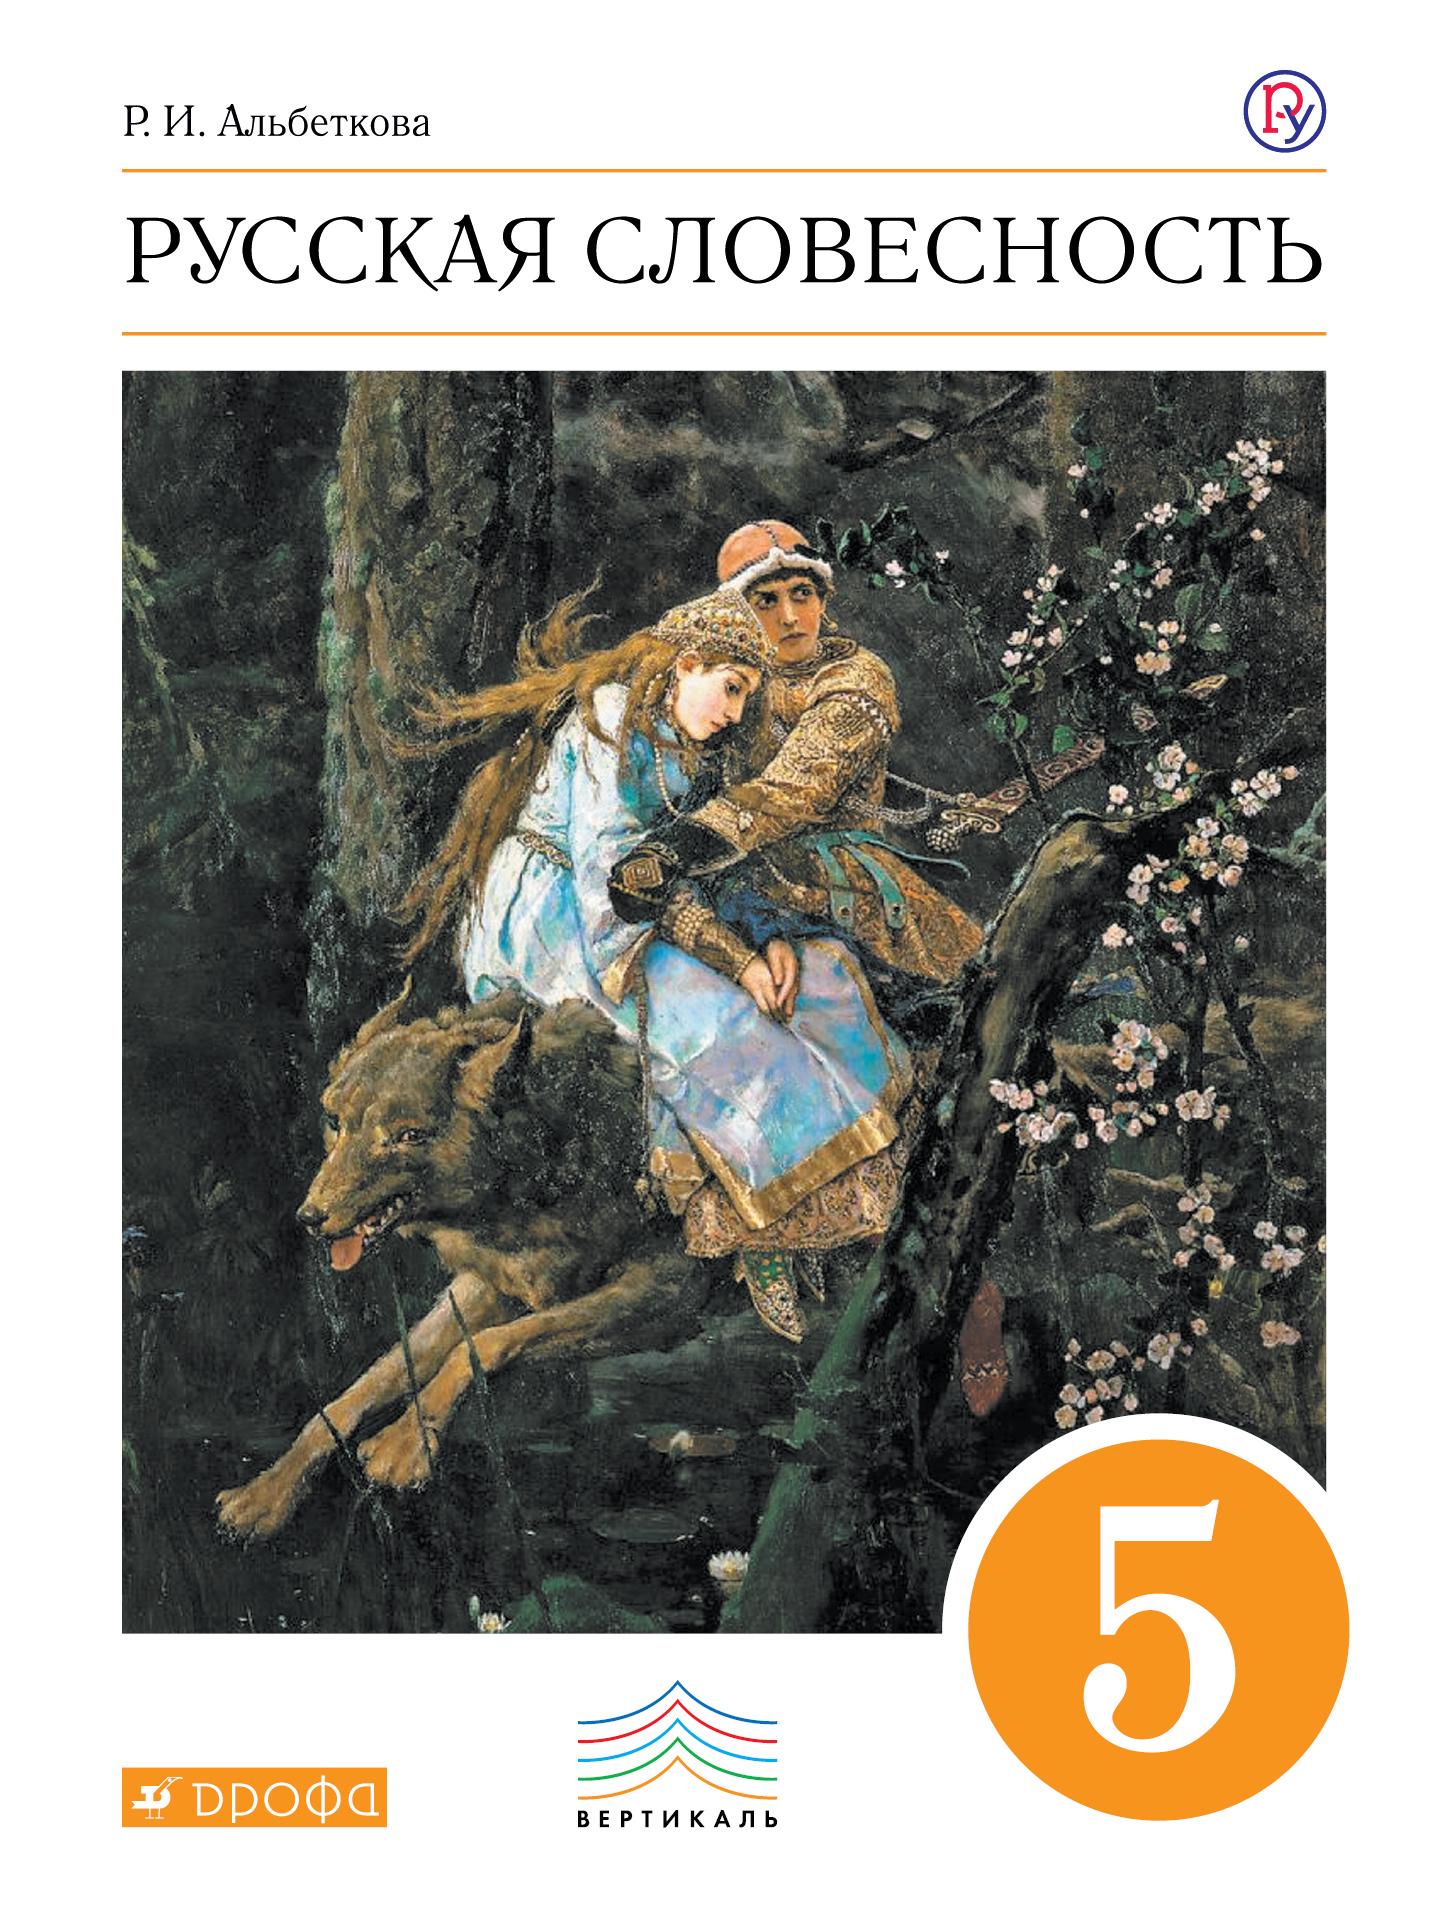 Русский язык. Русская словесность. 5 класс. Русский язык. 5 класс. Учебник.